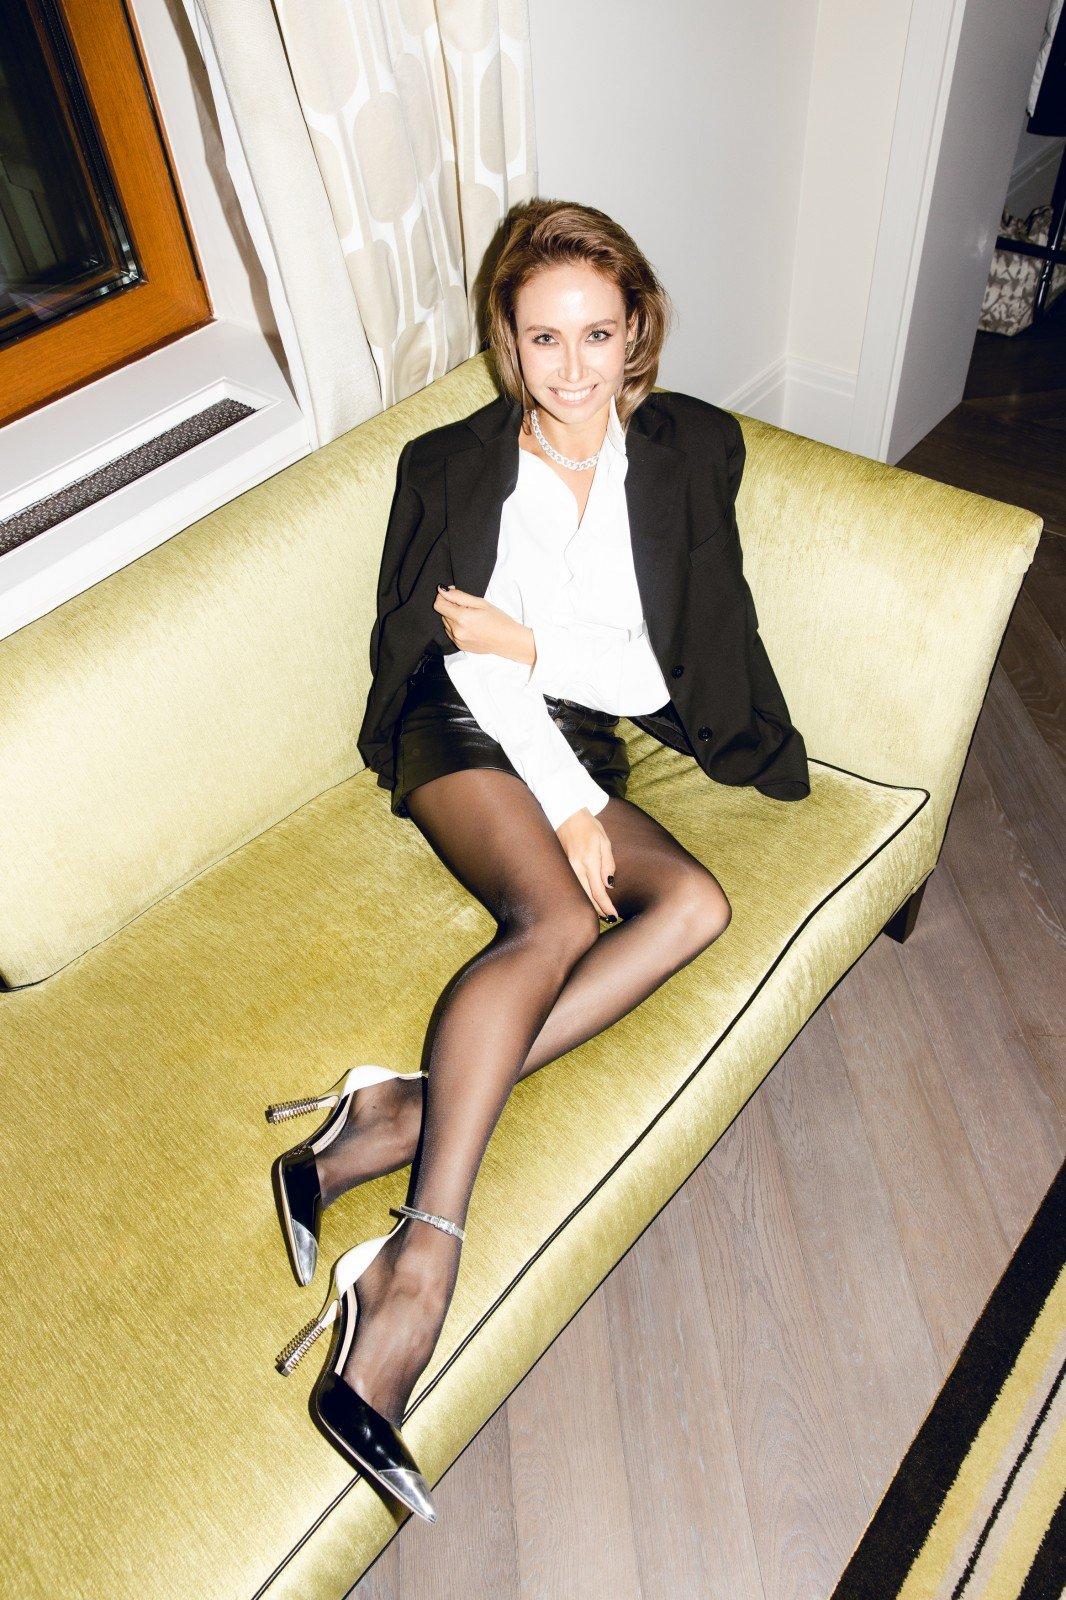 Равшана Куркова, Елена Лядова, Дарья Мороз и другие звезды на презентации нового итальянского бренда обуви